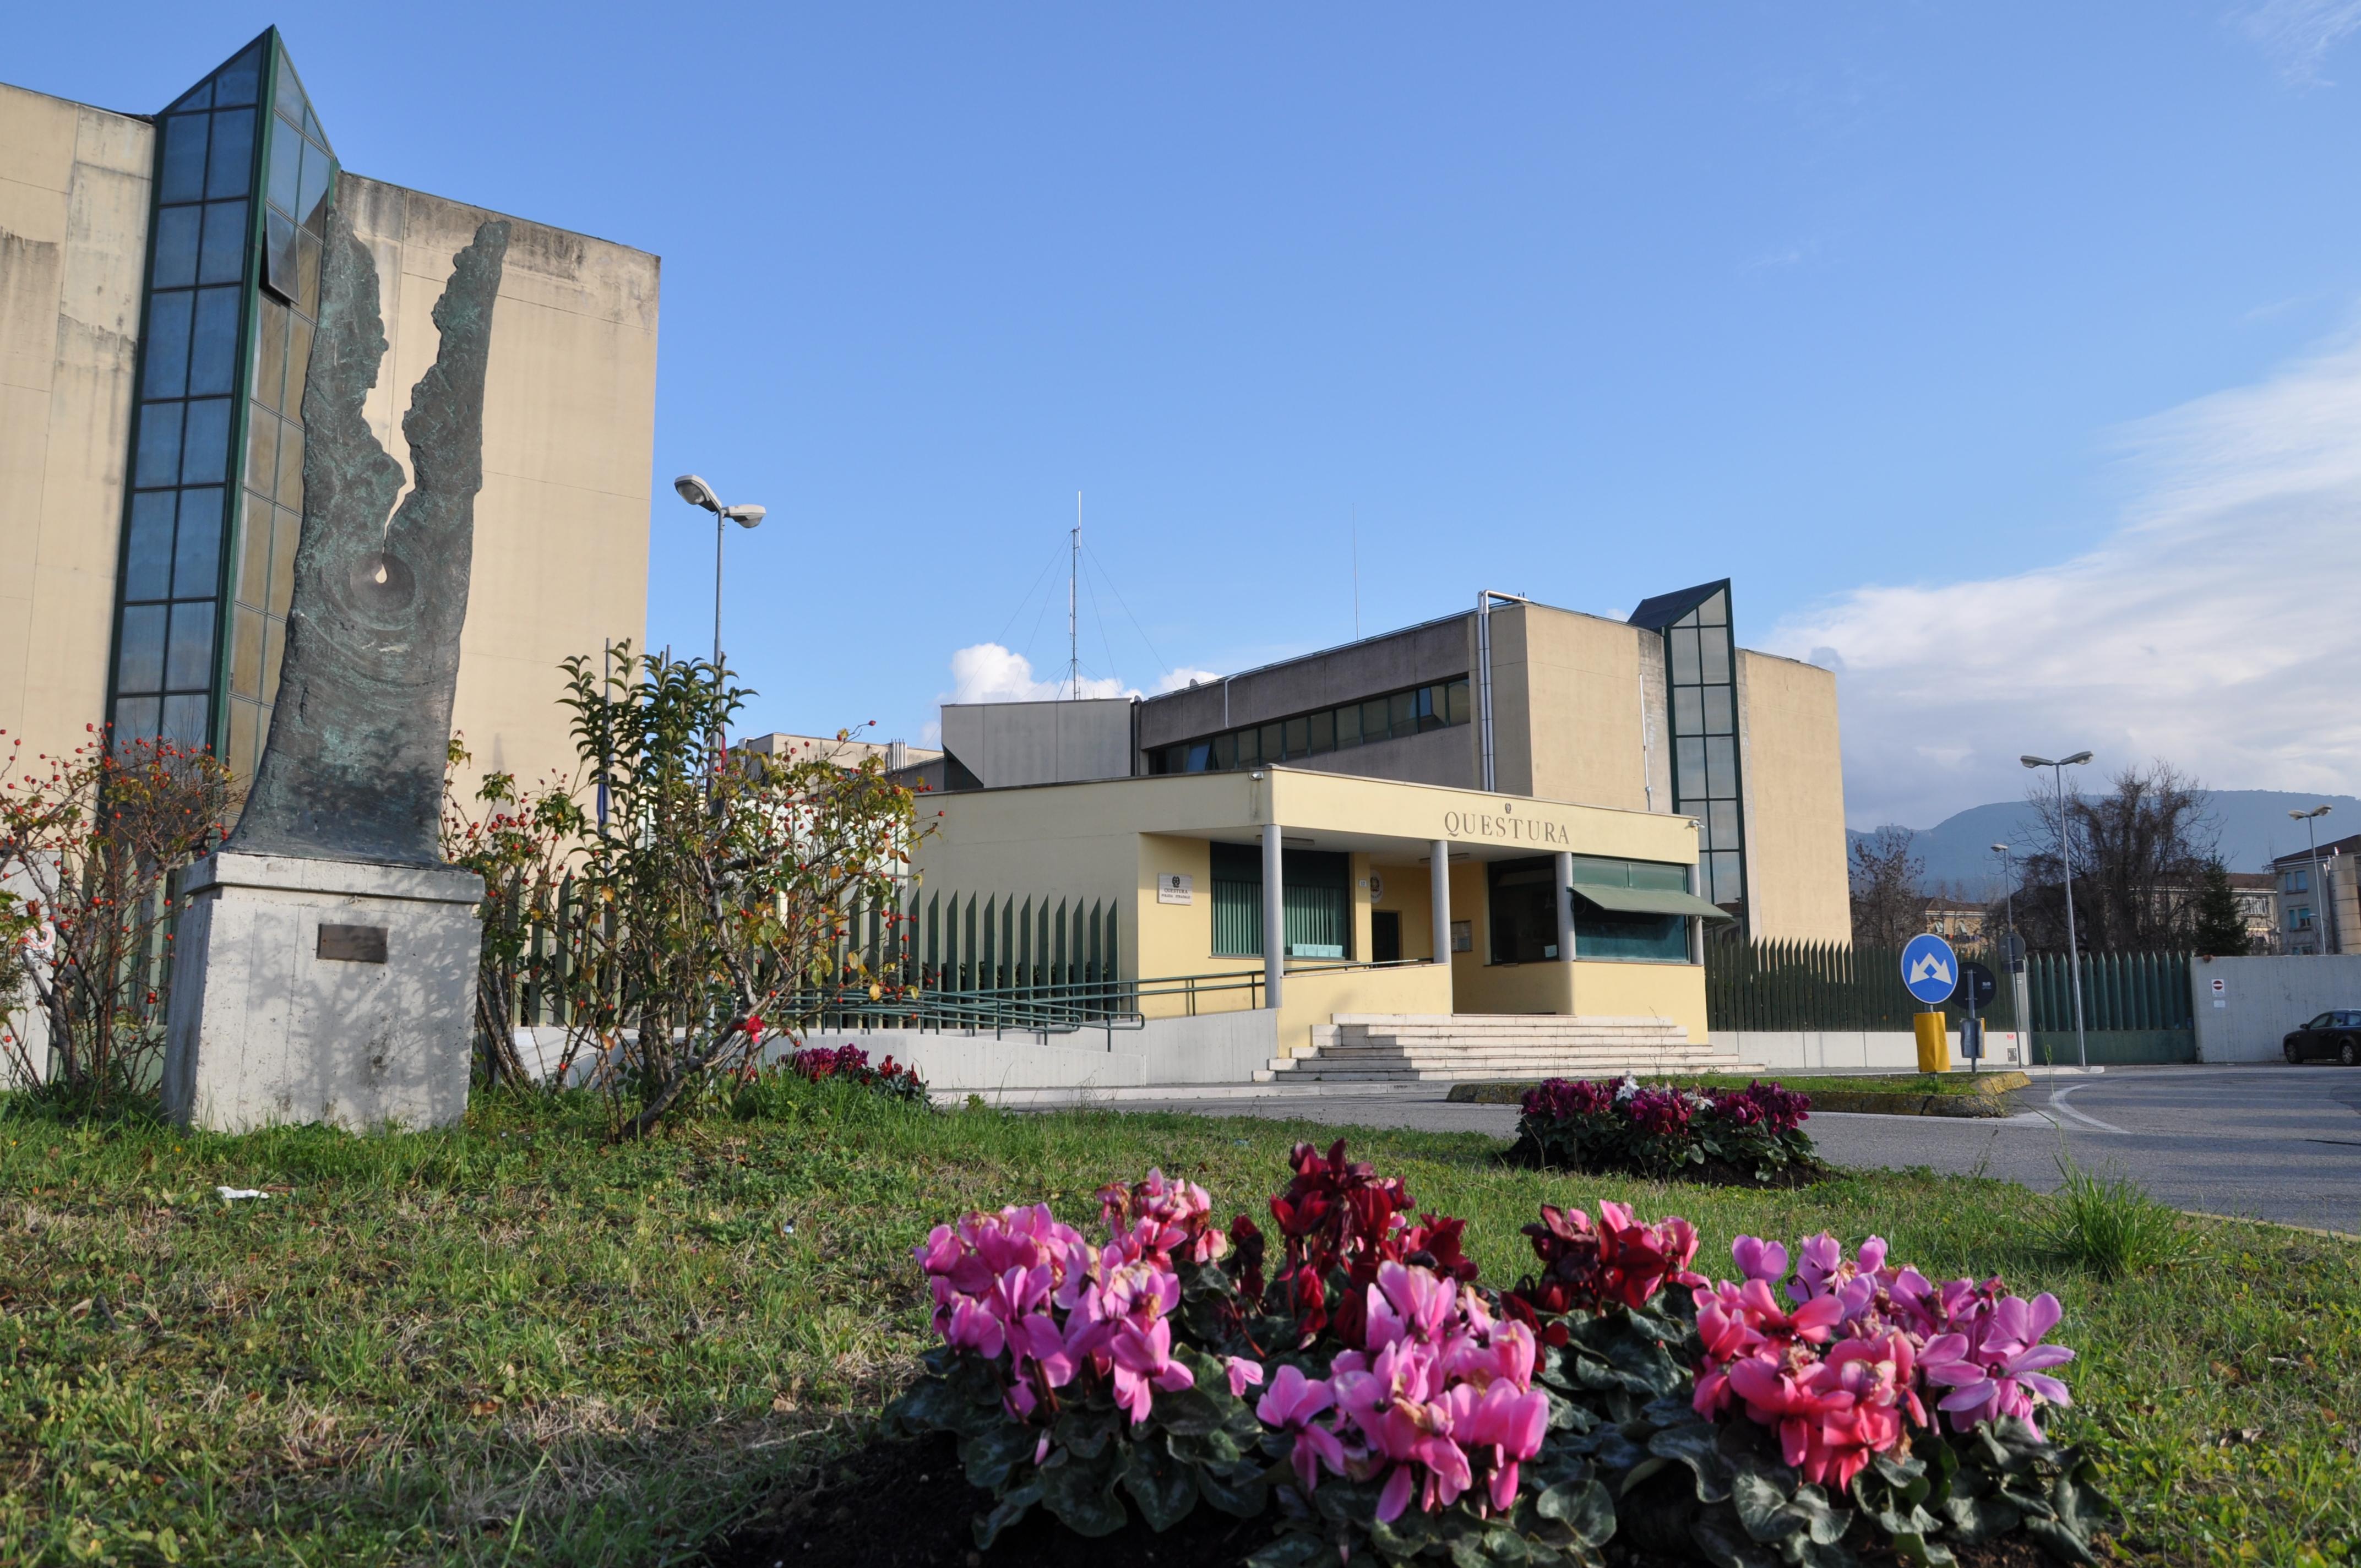 Beautiful Questura Di Siena Permessi Di Soggiorno Pronti Da Ritirare ...